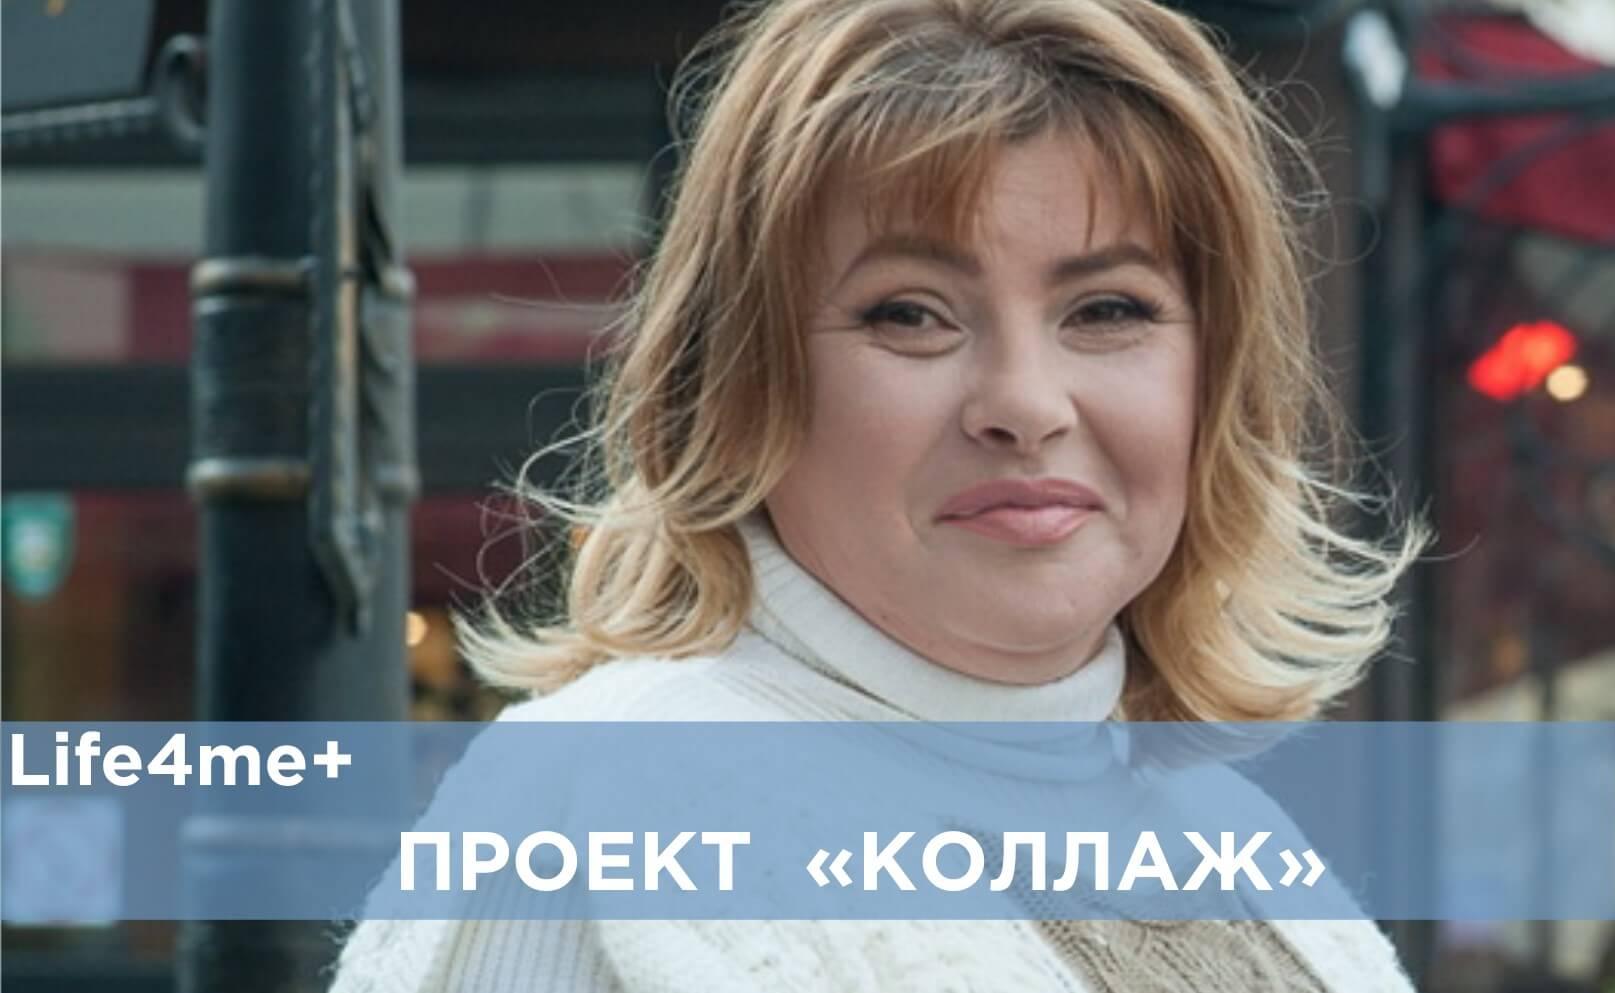 """Коллаж: """"Молилась о том, чтобы дожить до 18-летия сына"""", - Алёна Лисник - նկարը 1"""